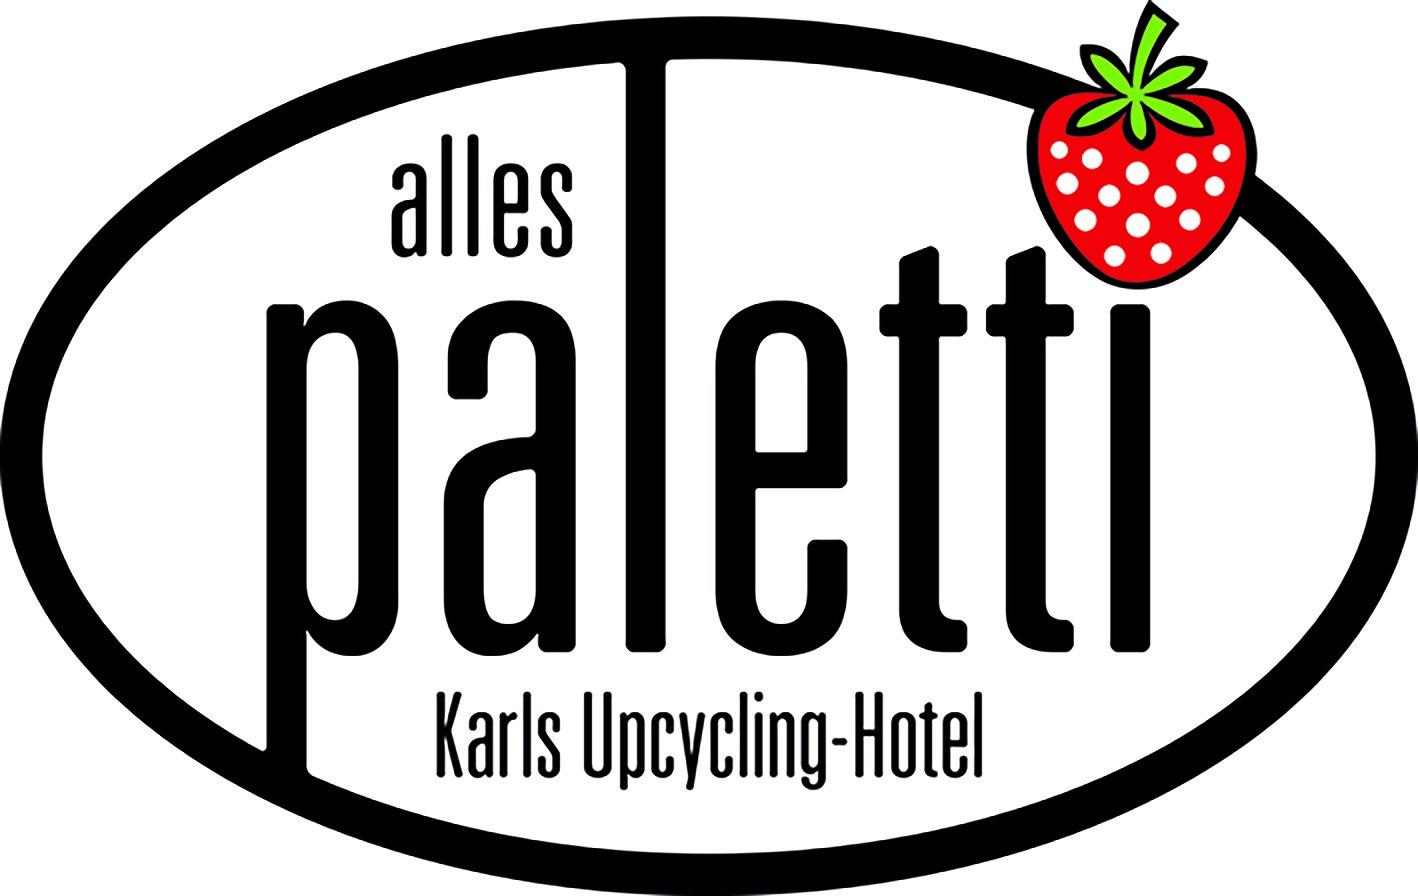 alles paletti - Karls Hotel